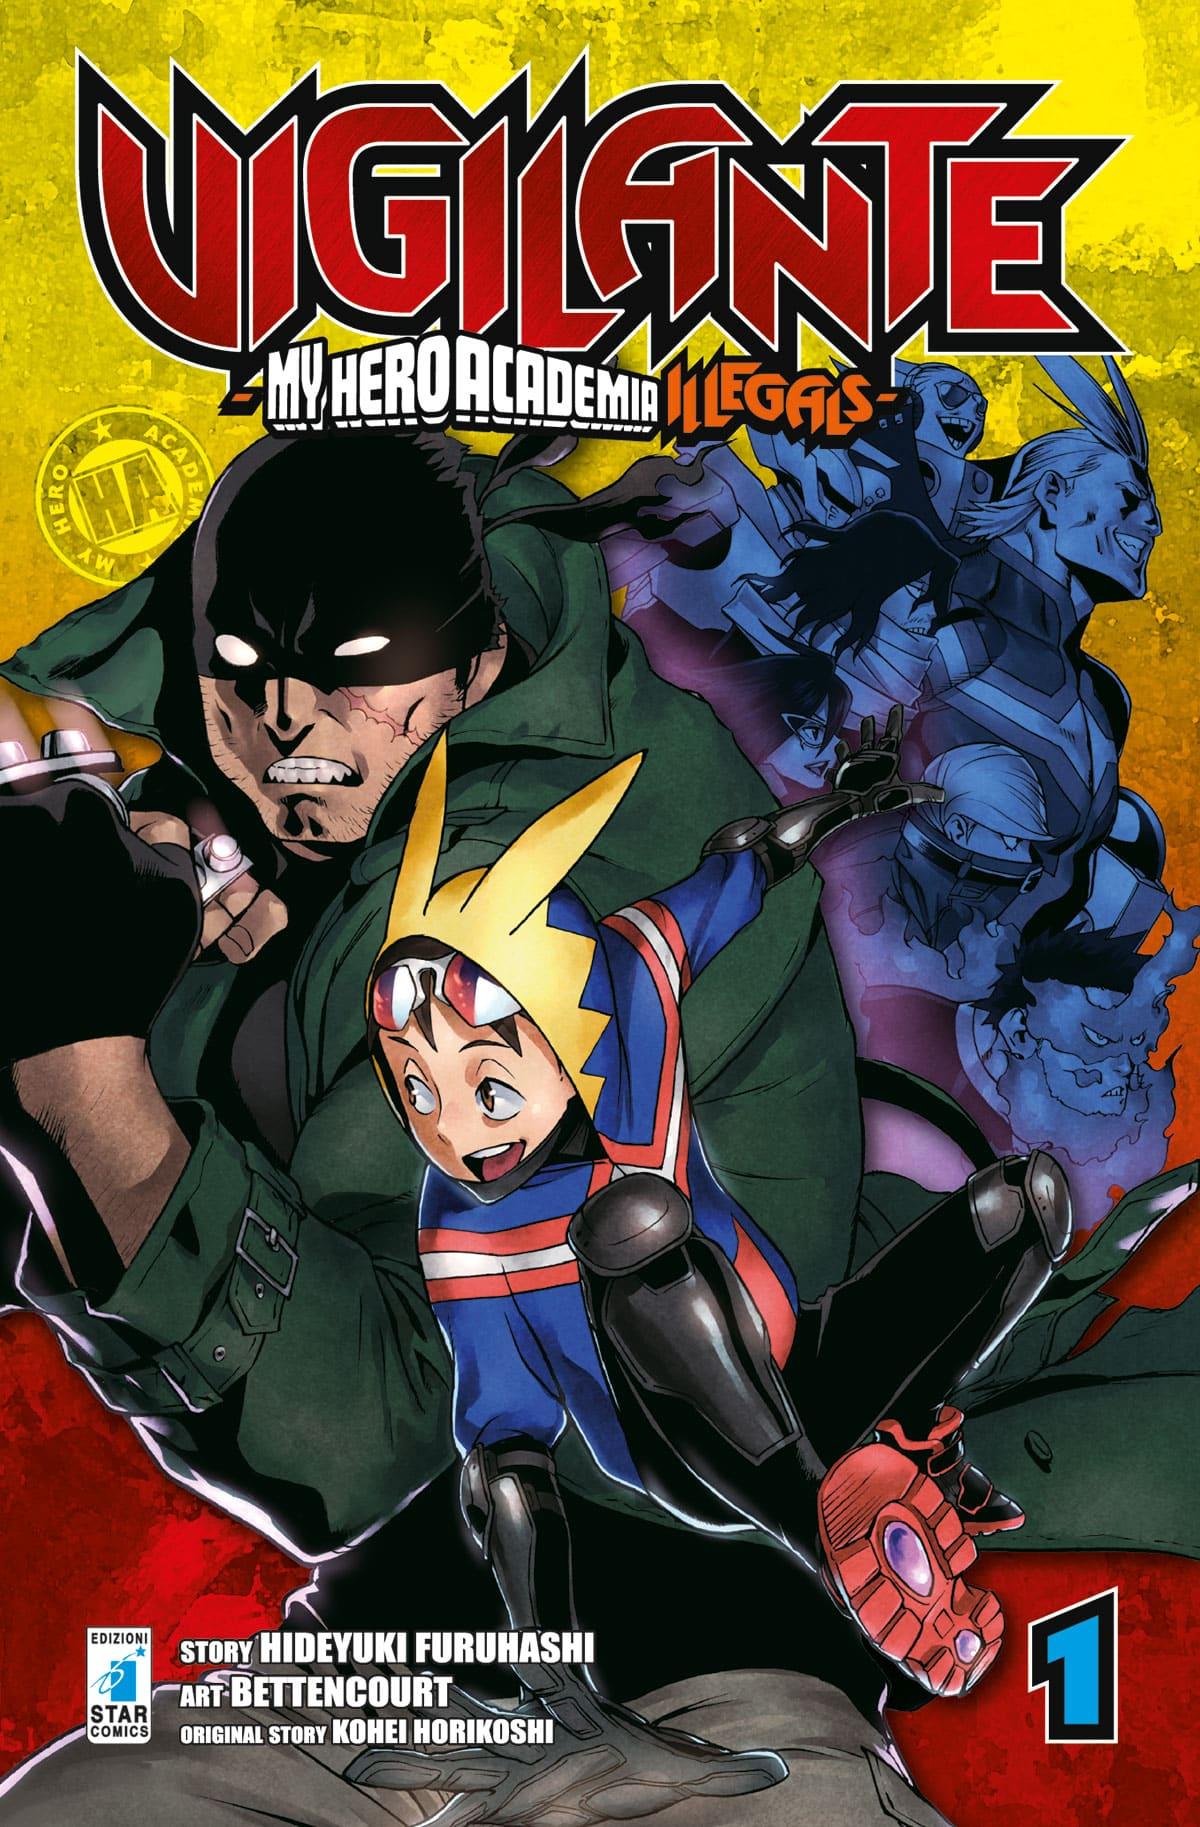 Gli autori di Vigilante – My Hero Academia Illegals, saranno ospiti di COMICON